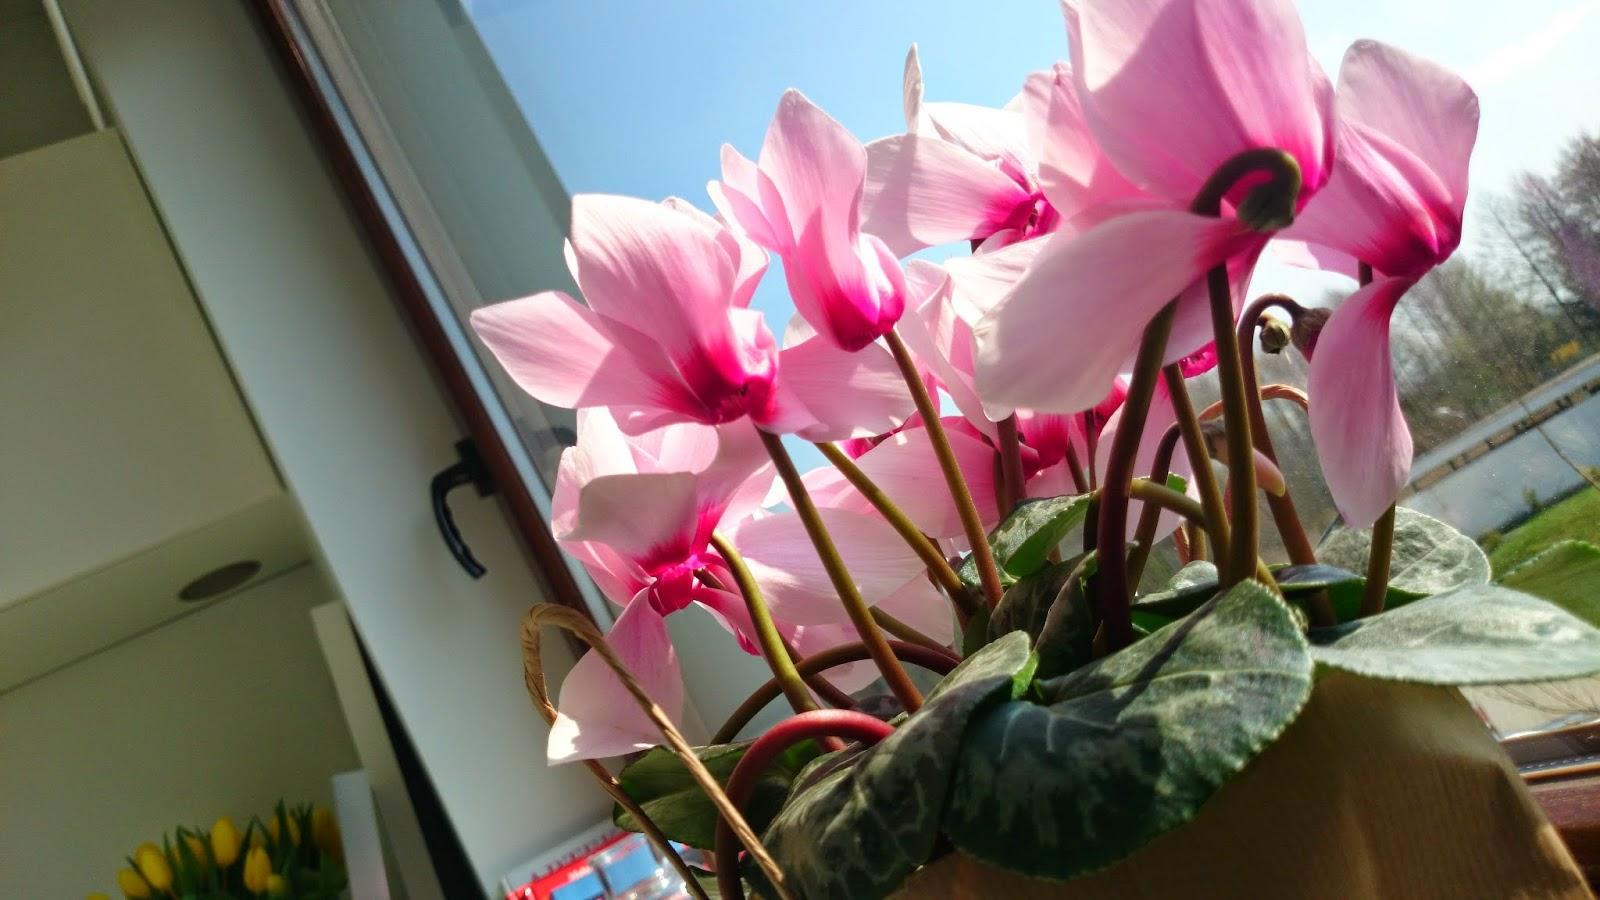 Pastelowy cyklamen w papierowej torbie w roli magnolii